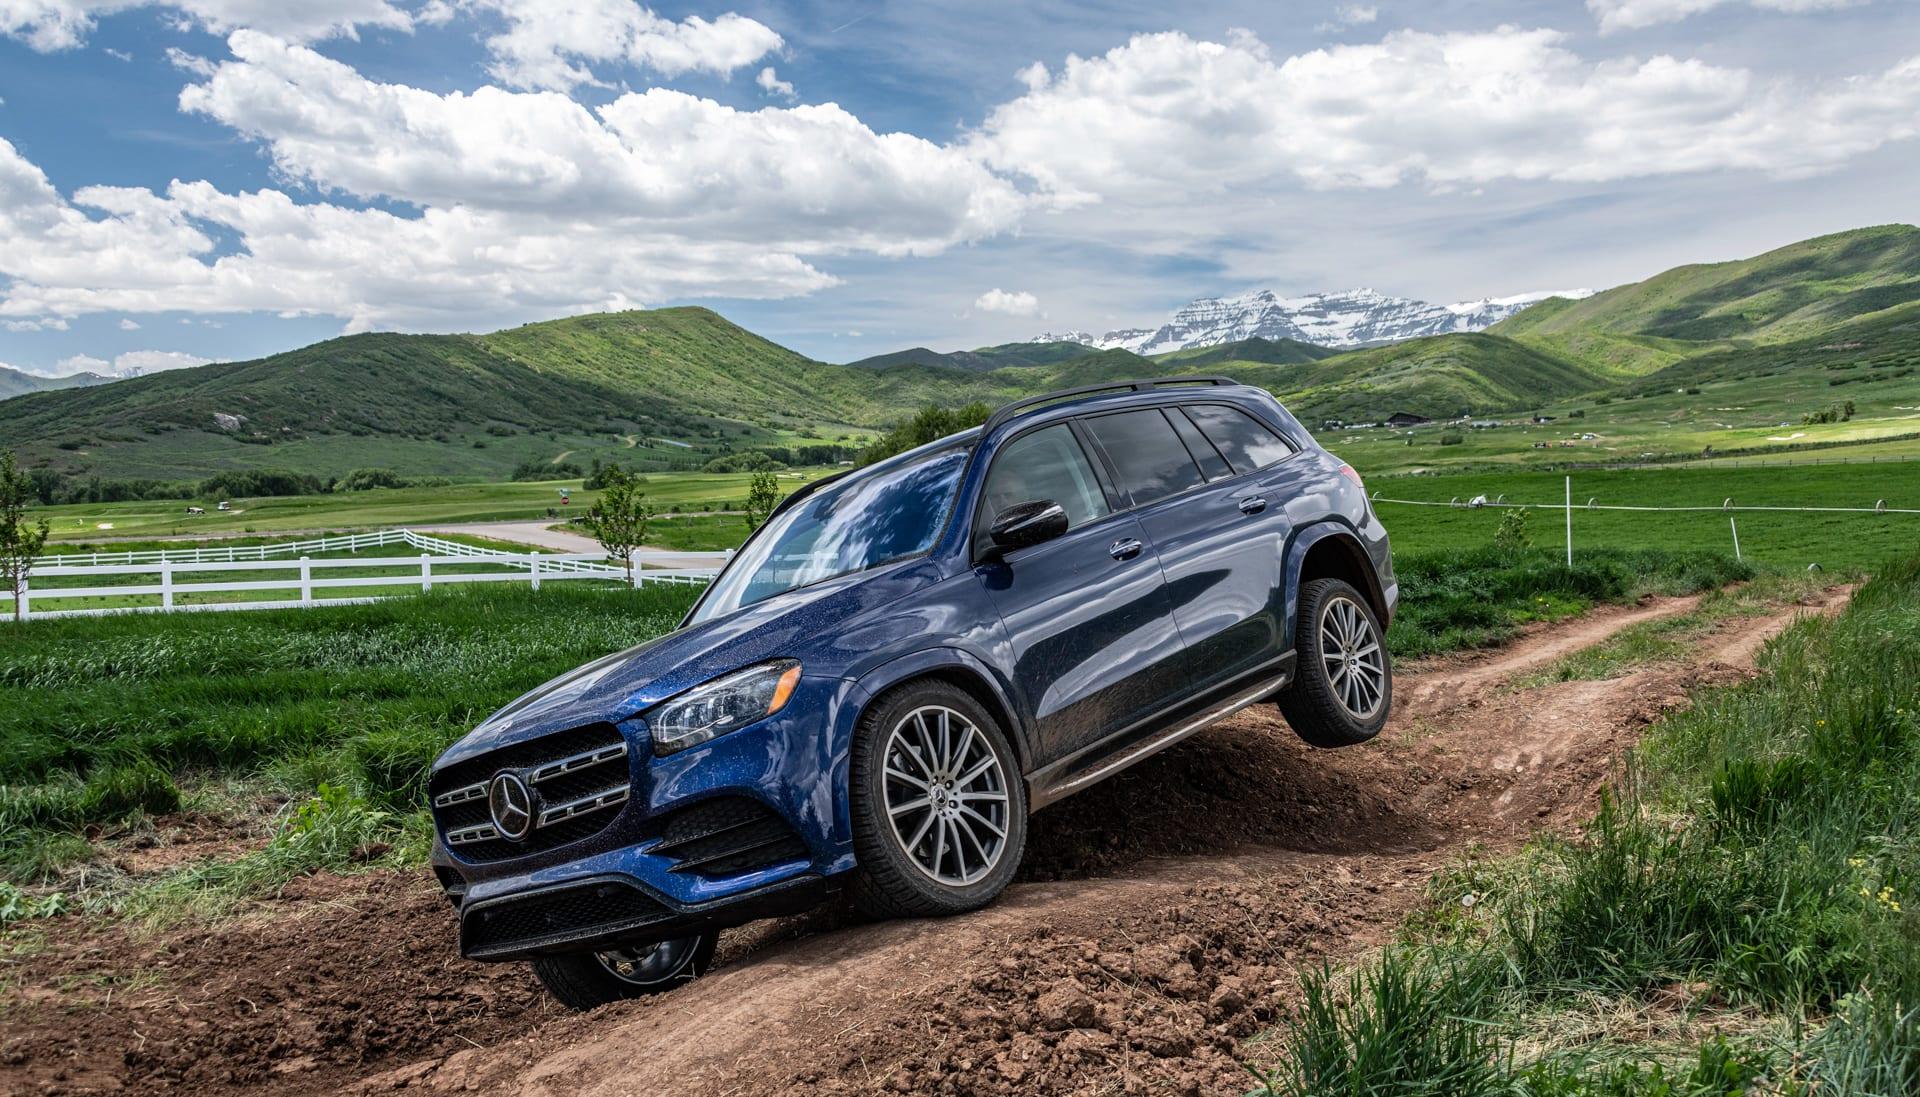 2020 Mercedes-Benz GLS first drive